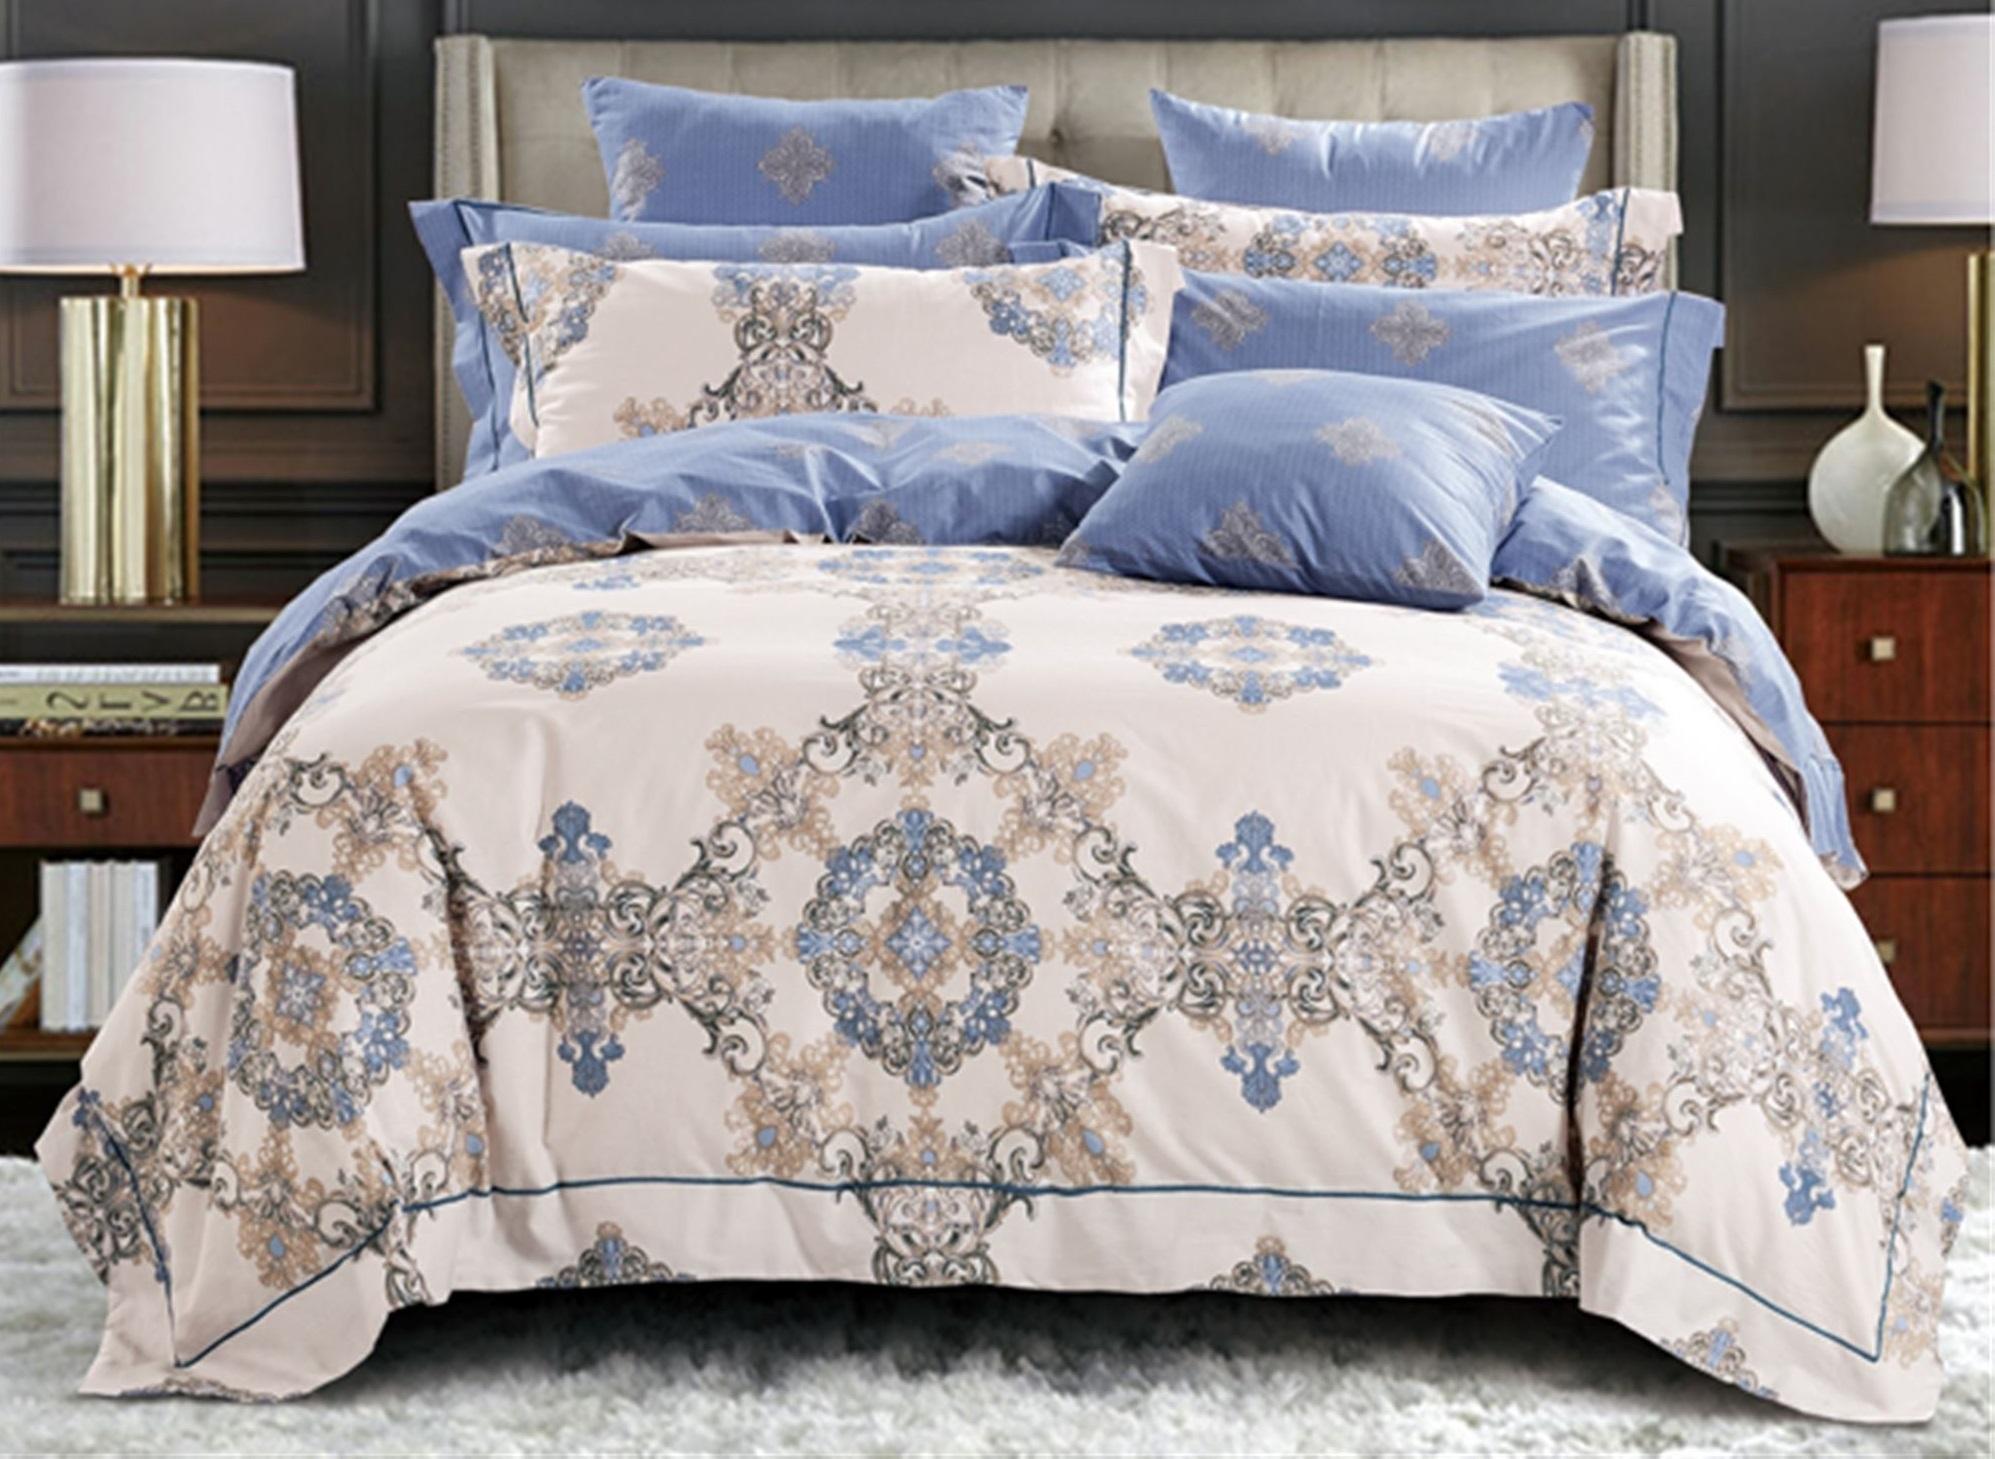 Как выбрать постельное белье в подарок семейной паре